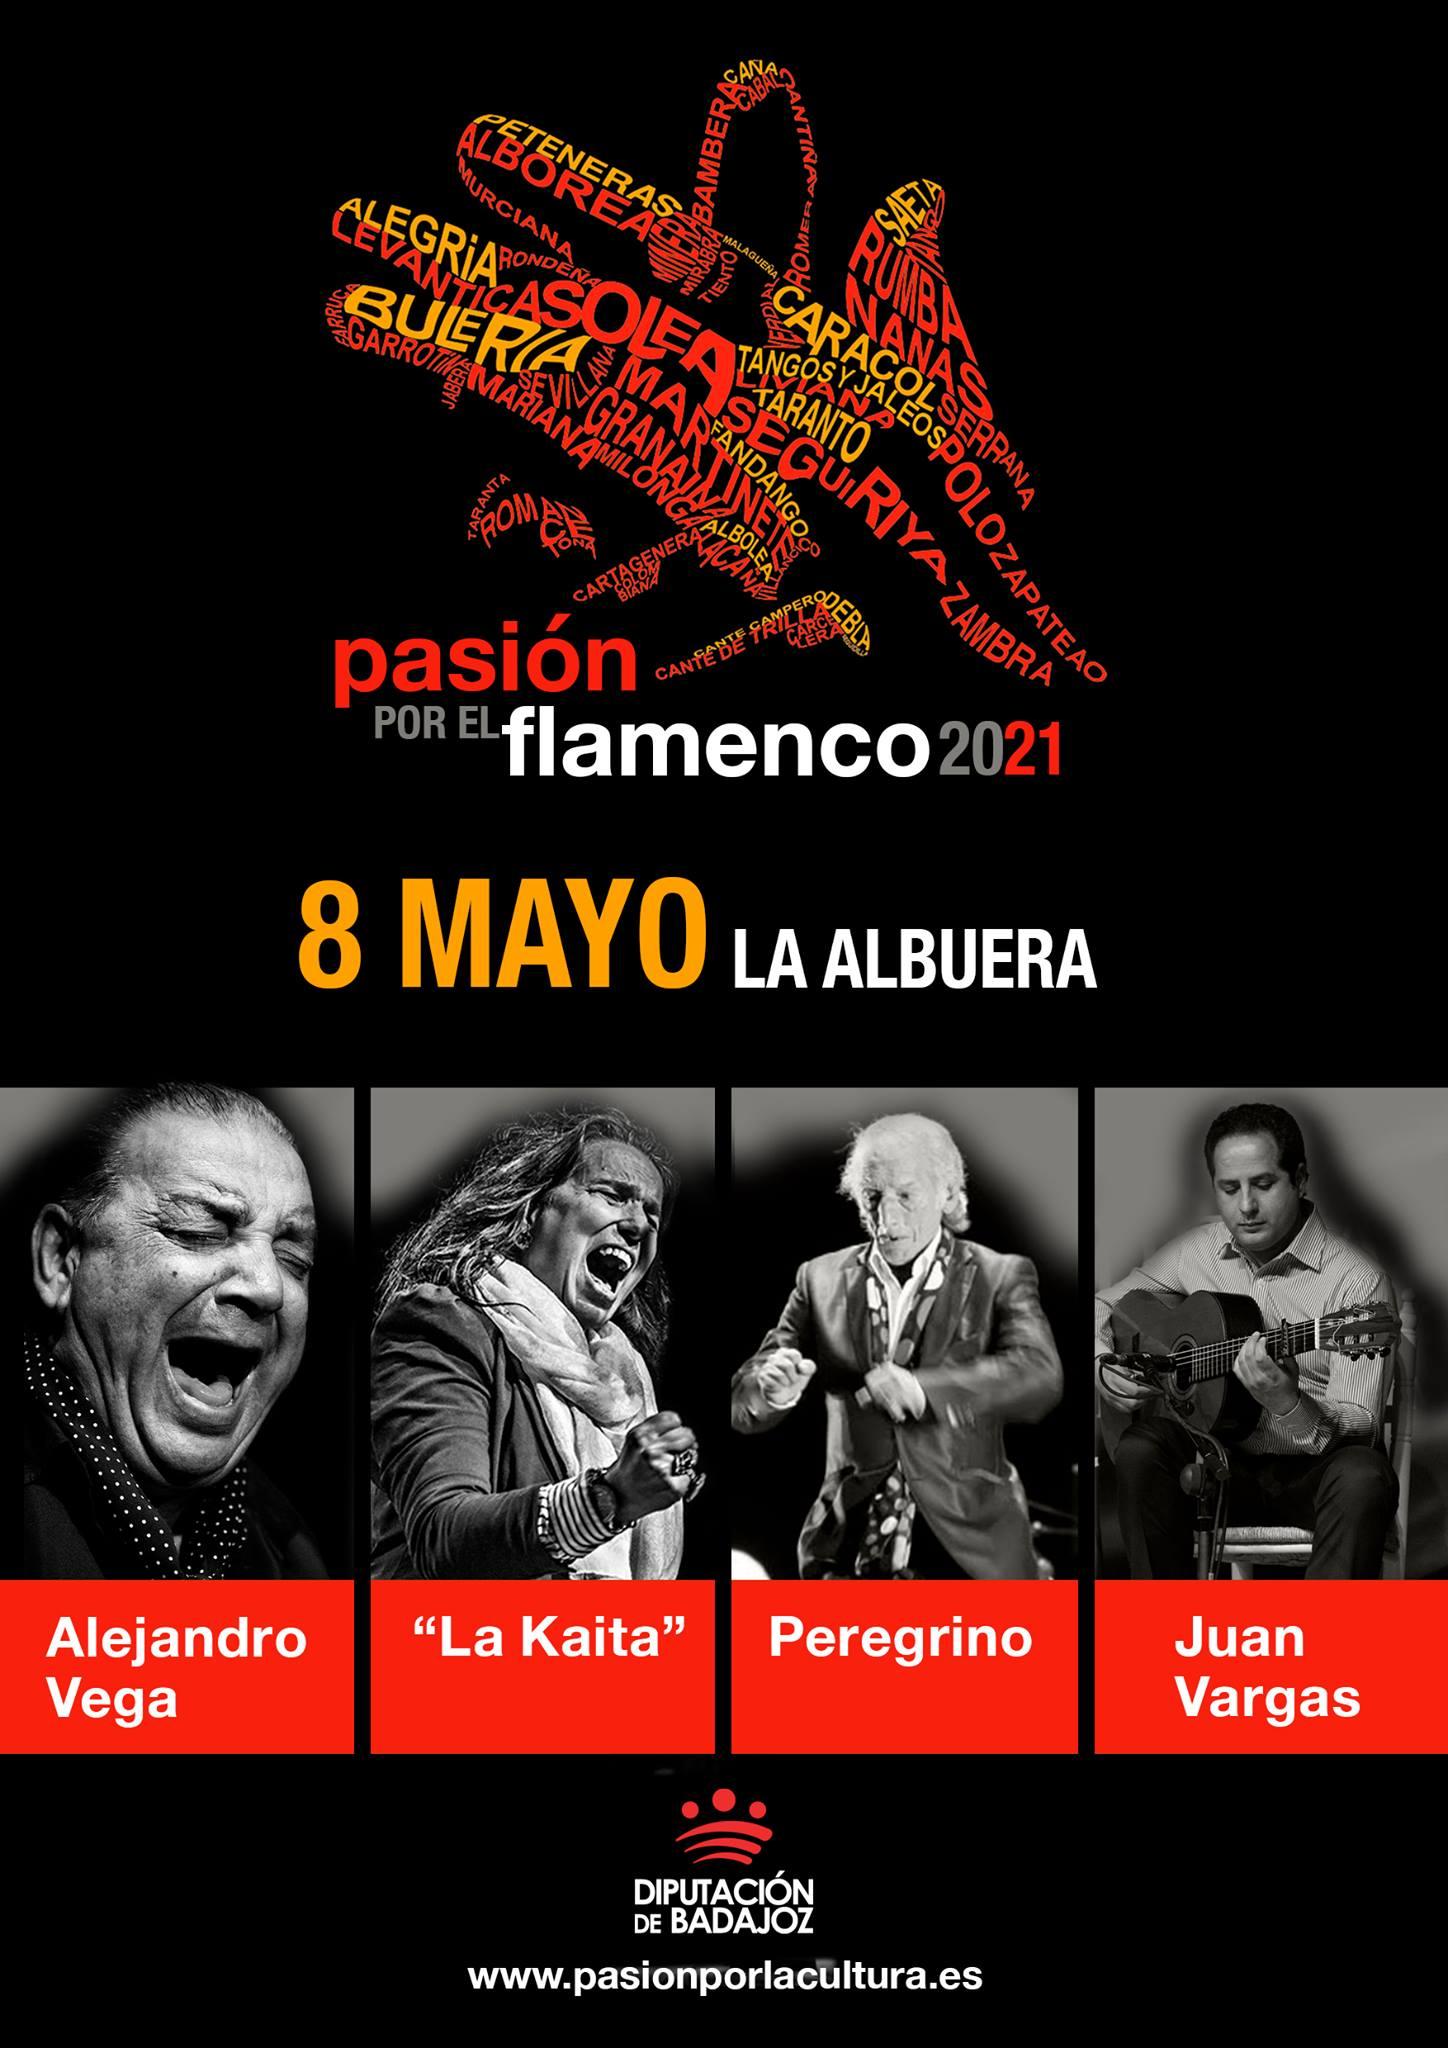 PASIÓN POR EL FLAMENCO | La Kaita + Alejandro Vega + Peregrino - Juan Vargas